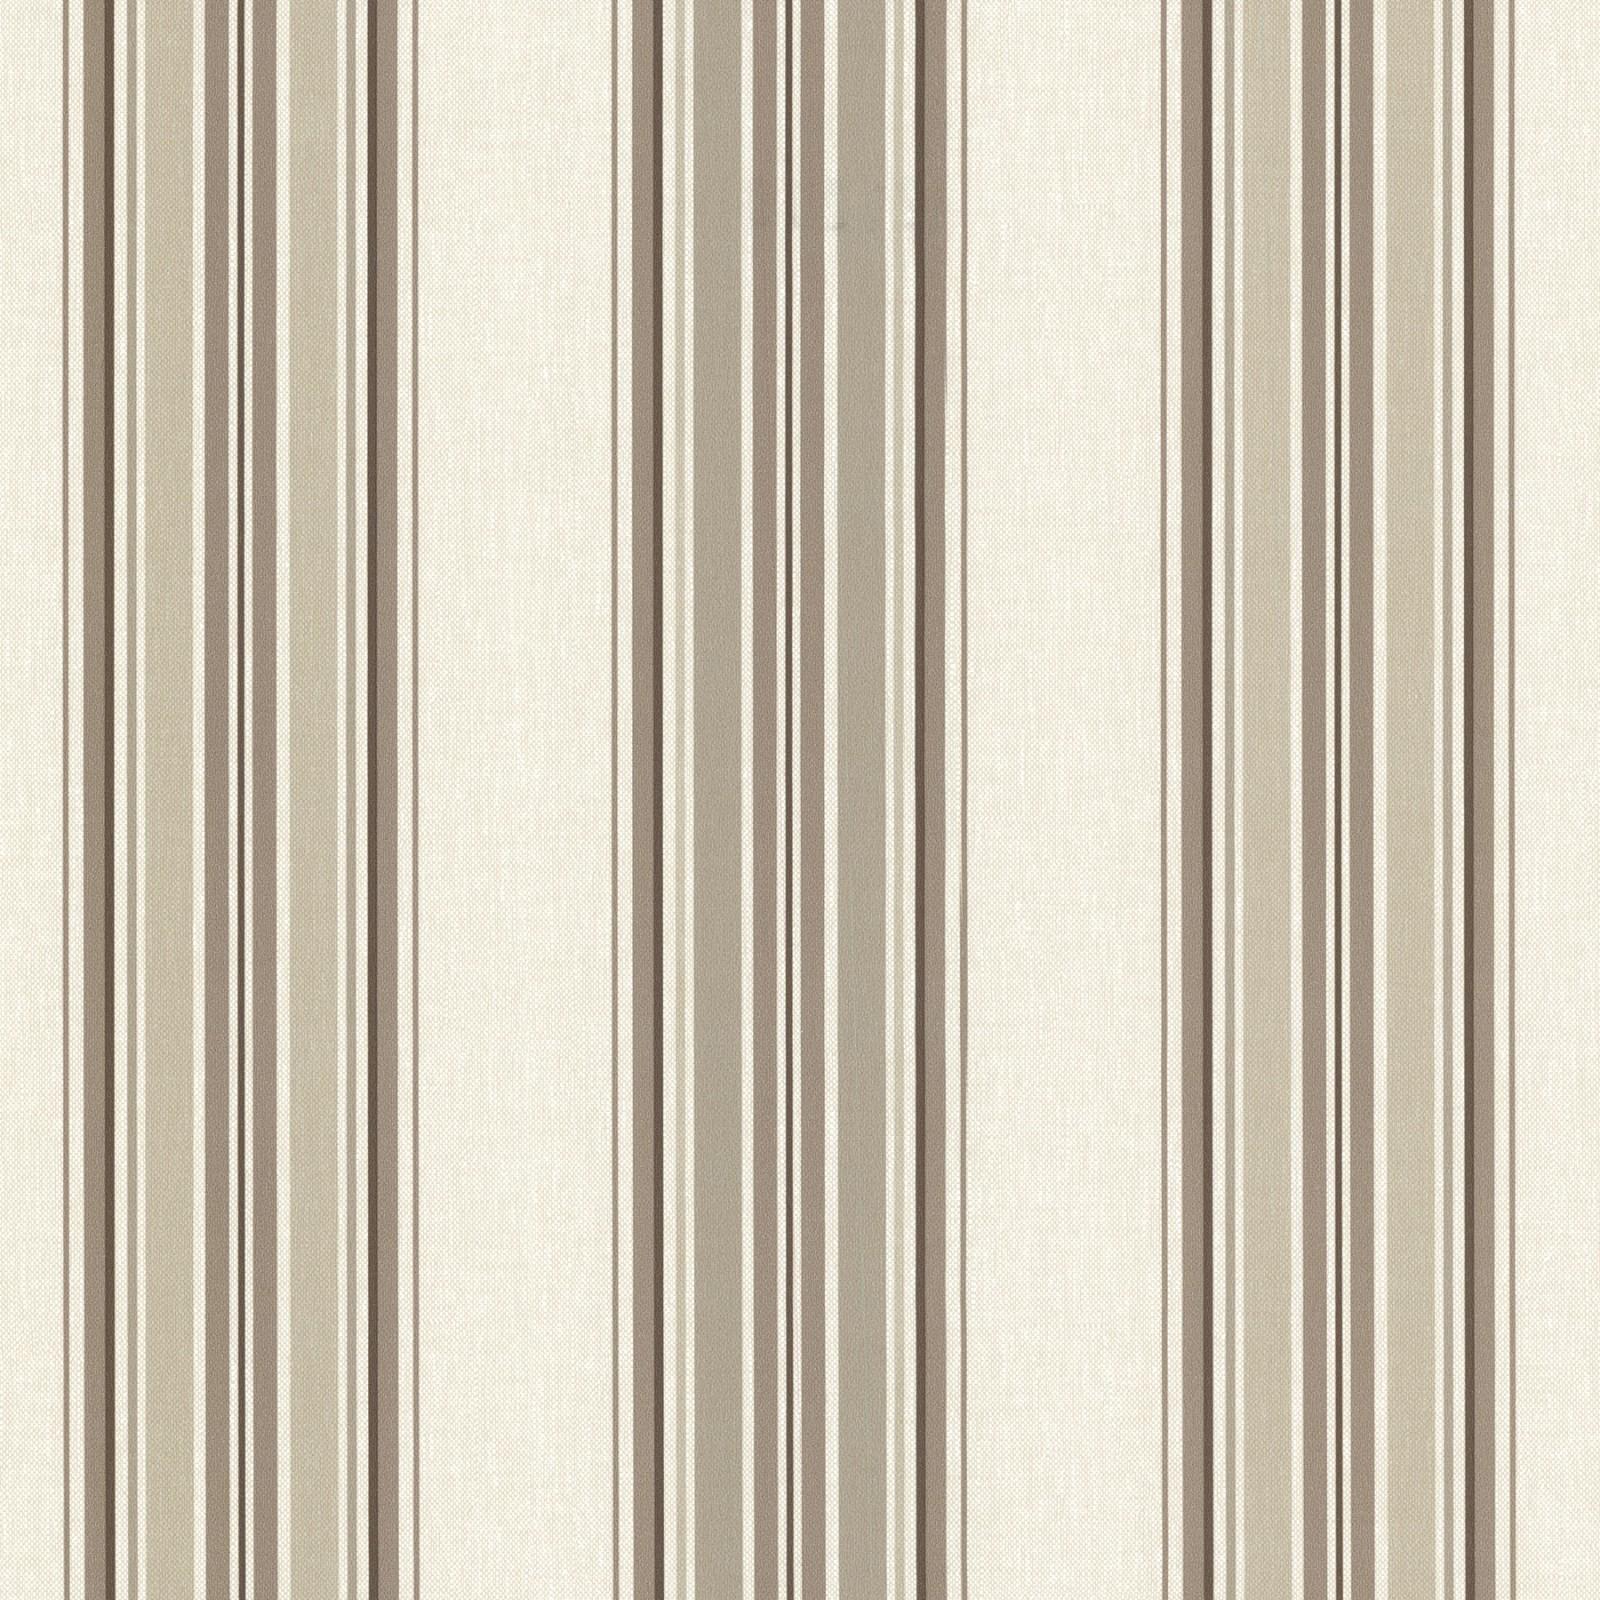 Vliestapete streifen beige braun tapeten rasch textil for Herrlich tapeten braun beige muster